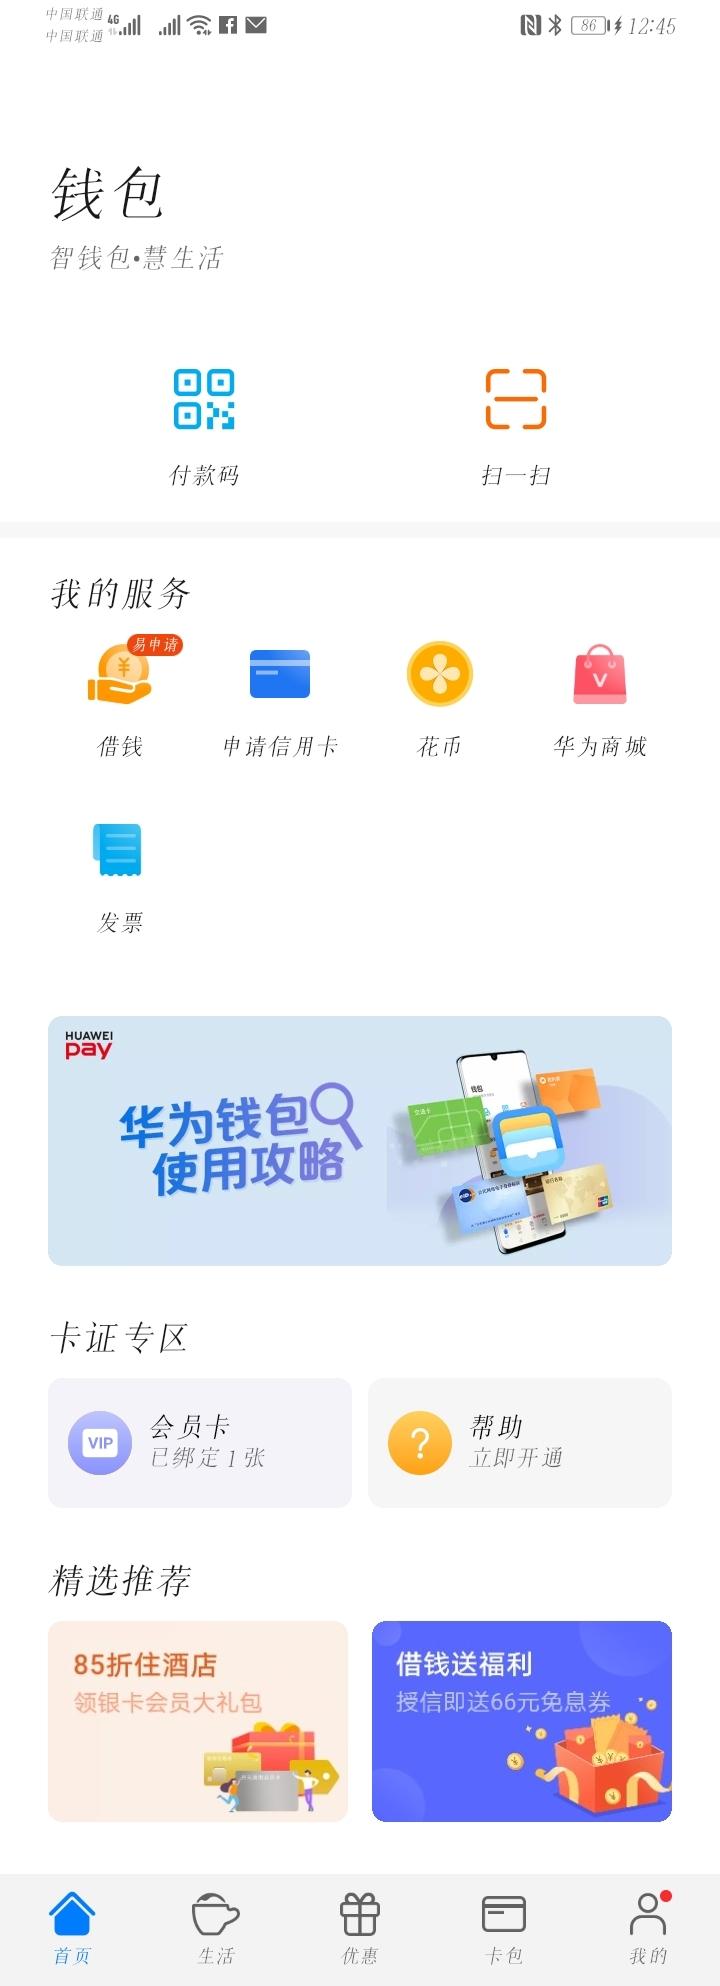 Screenshot_20200508_004551_com.huawei.wallet.jpg